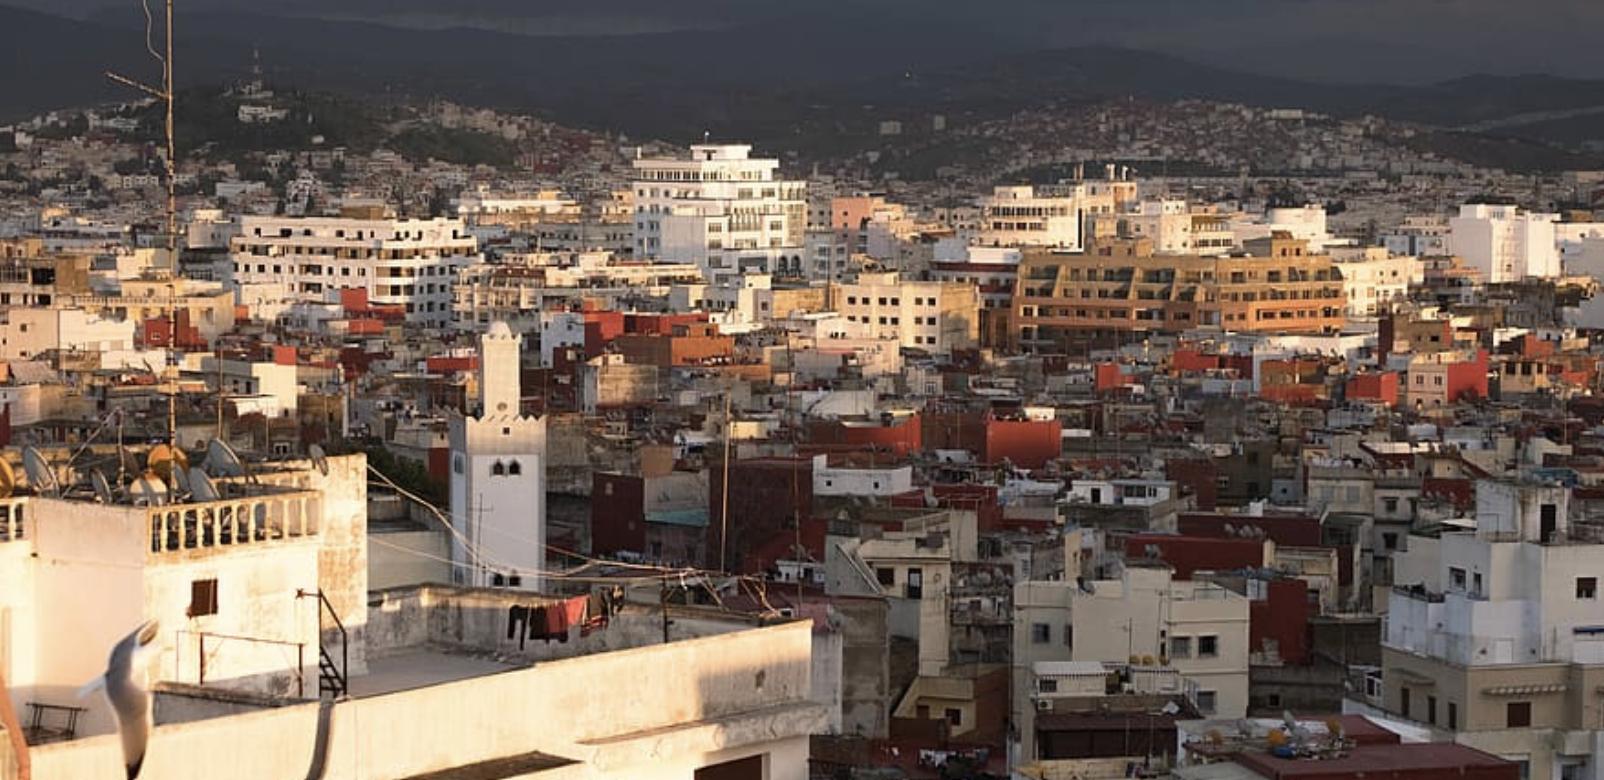 Le Maroc va réformer ses finances publiques avec le soutien du Fonds monétaire arabe